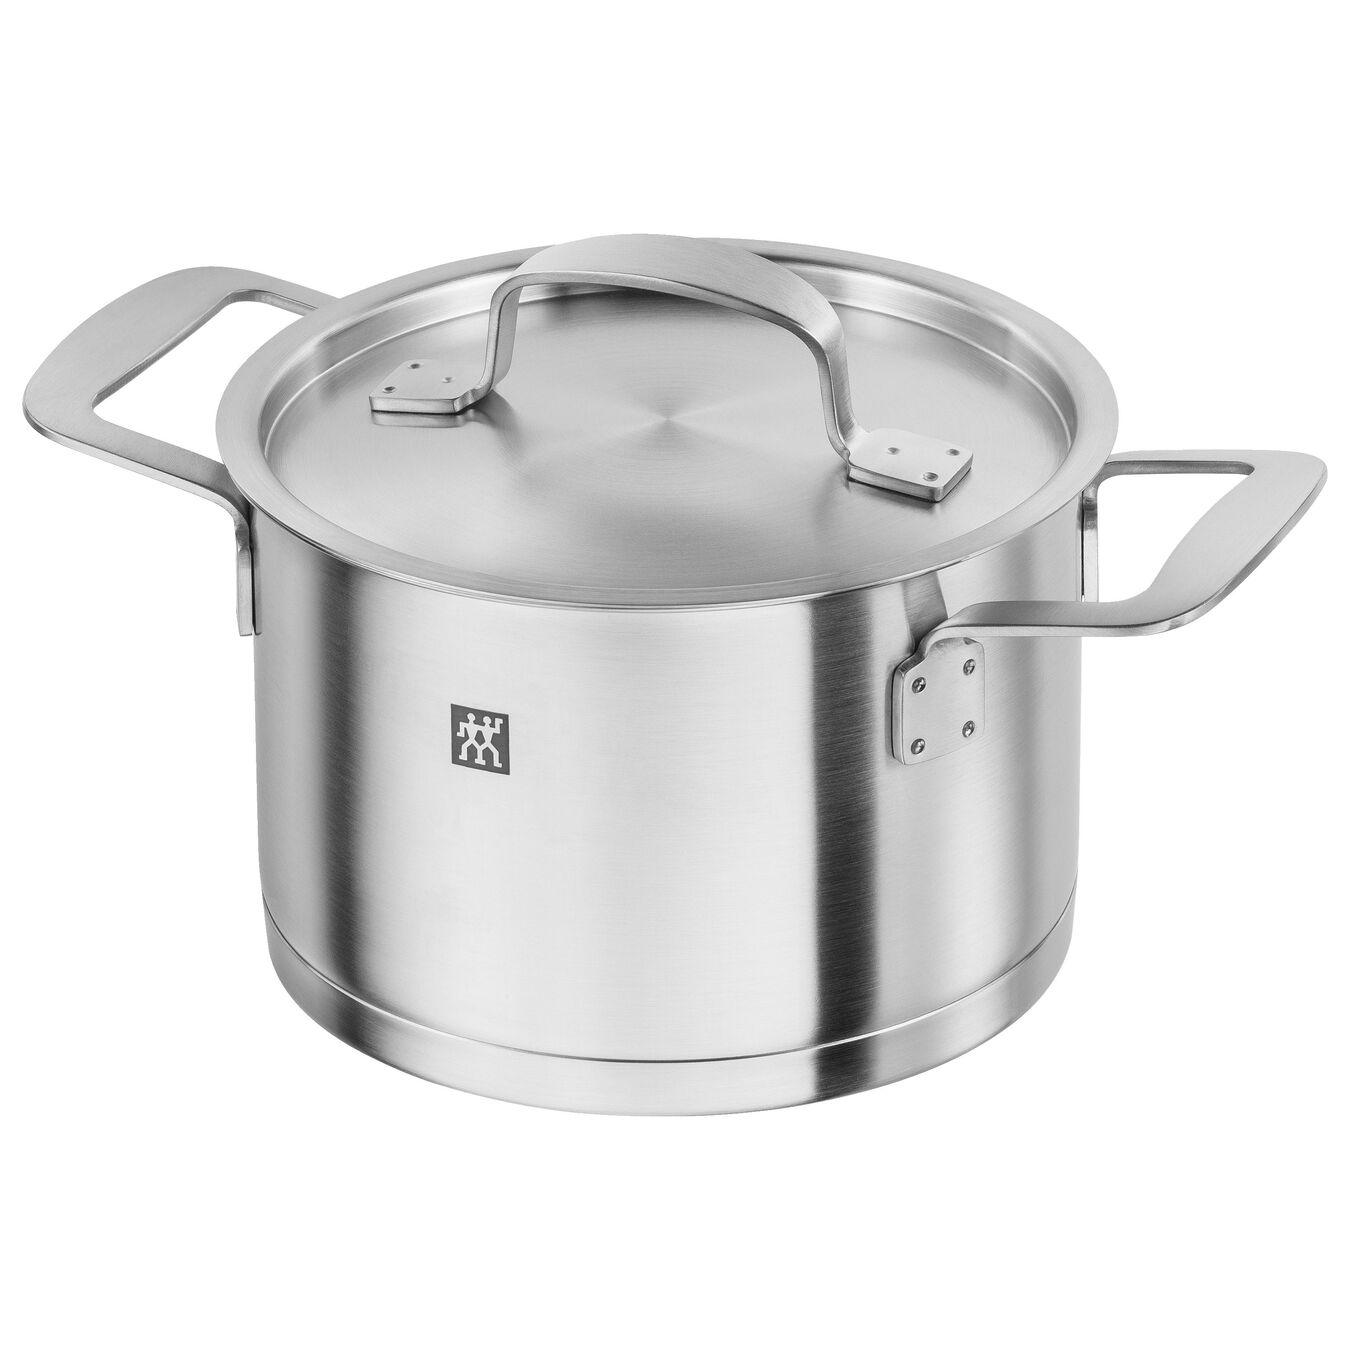 Ensemble de casseroles 5-pcs,,large 6